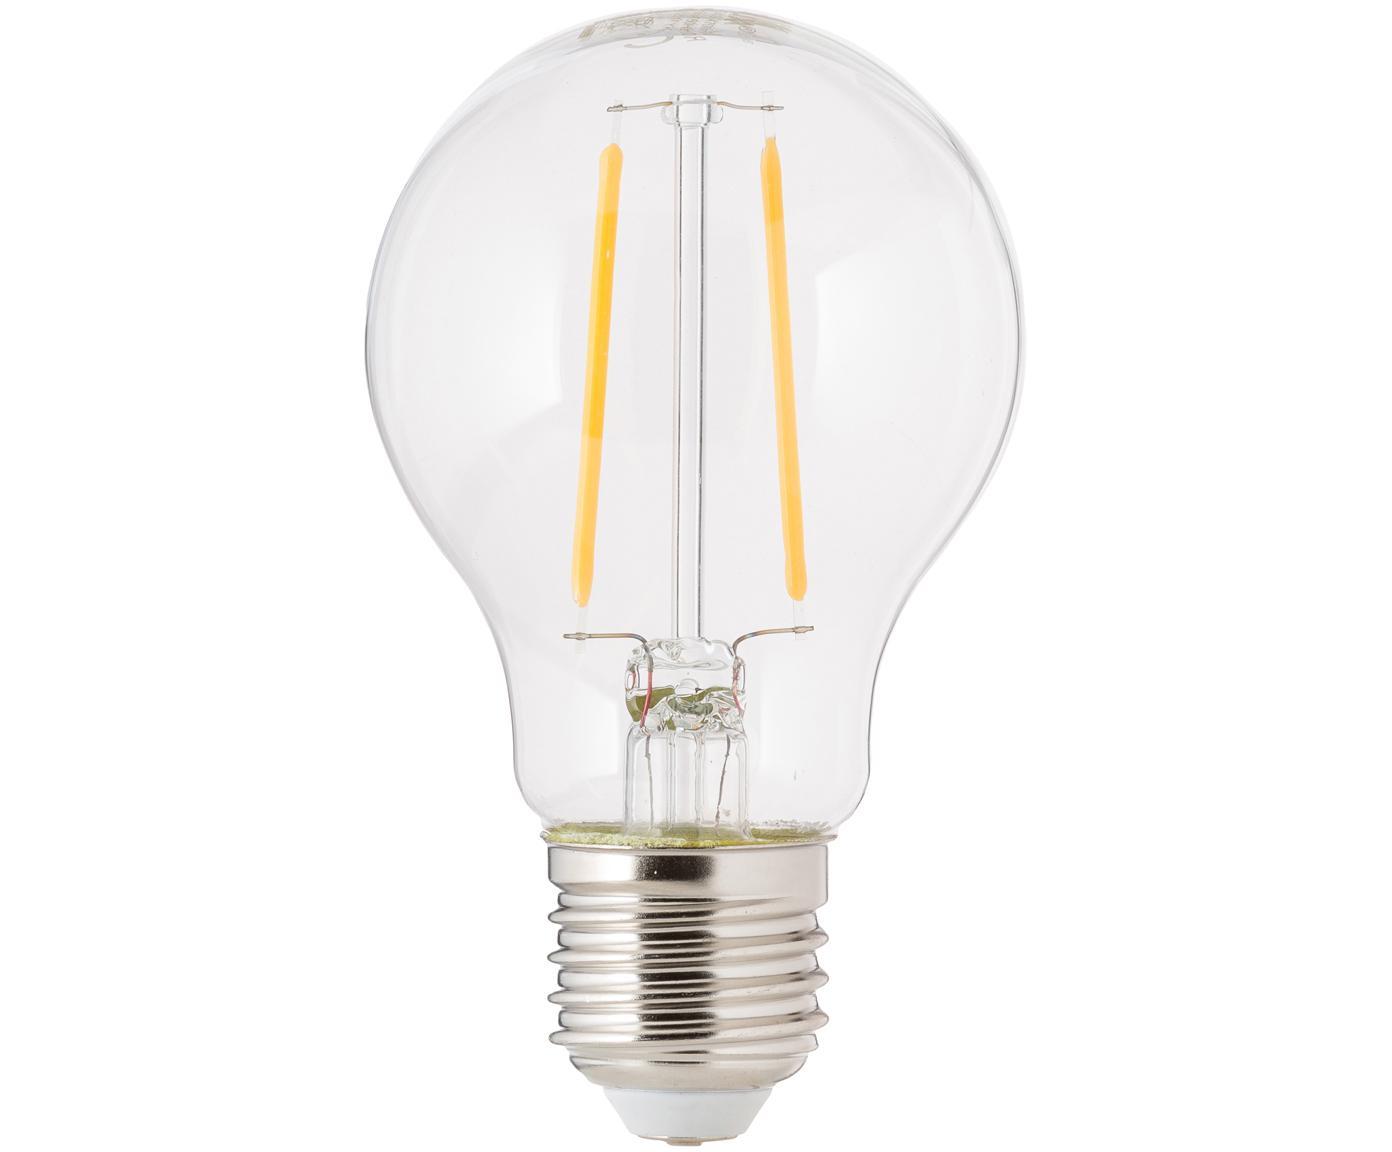 Bombilla LED Humiel (E27/4,6W), Ampolla: vidrio, Casquillo: aluminio, Transparente, Ø 8 x Al 10 cm